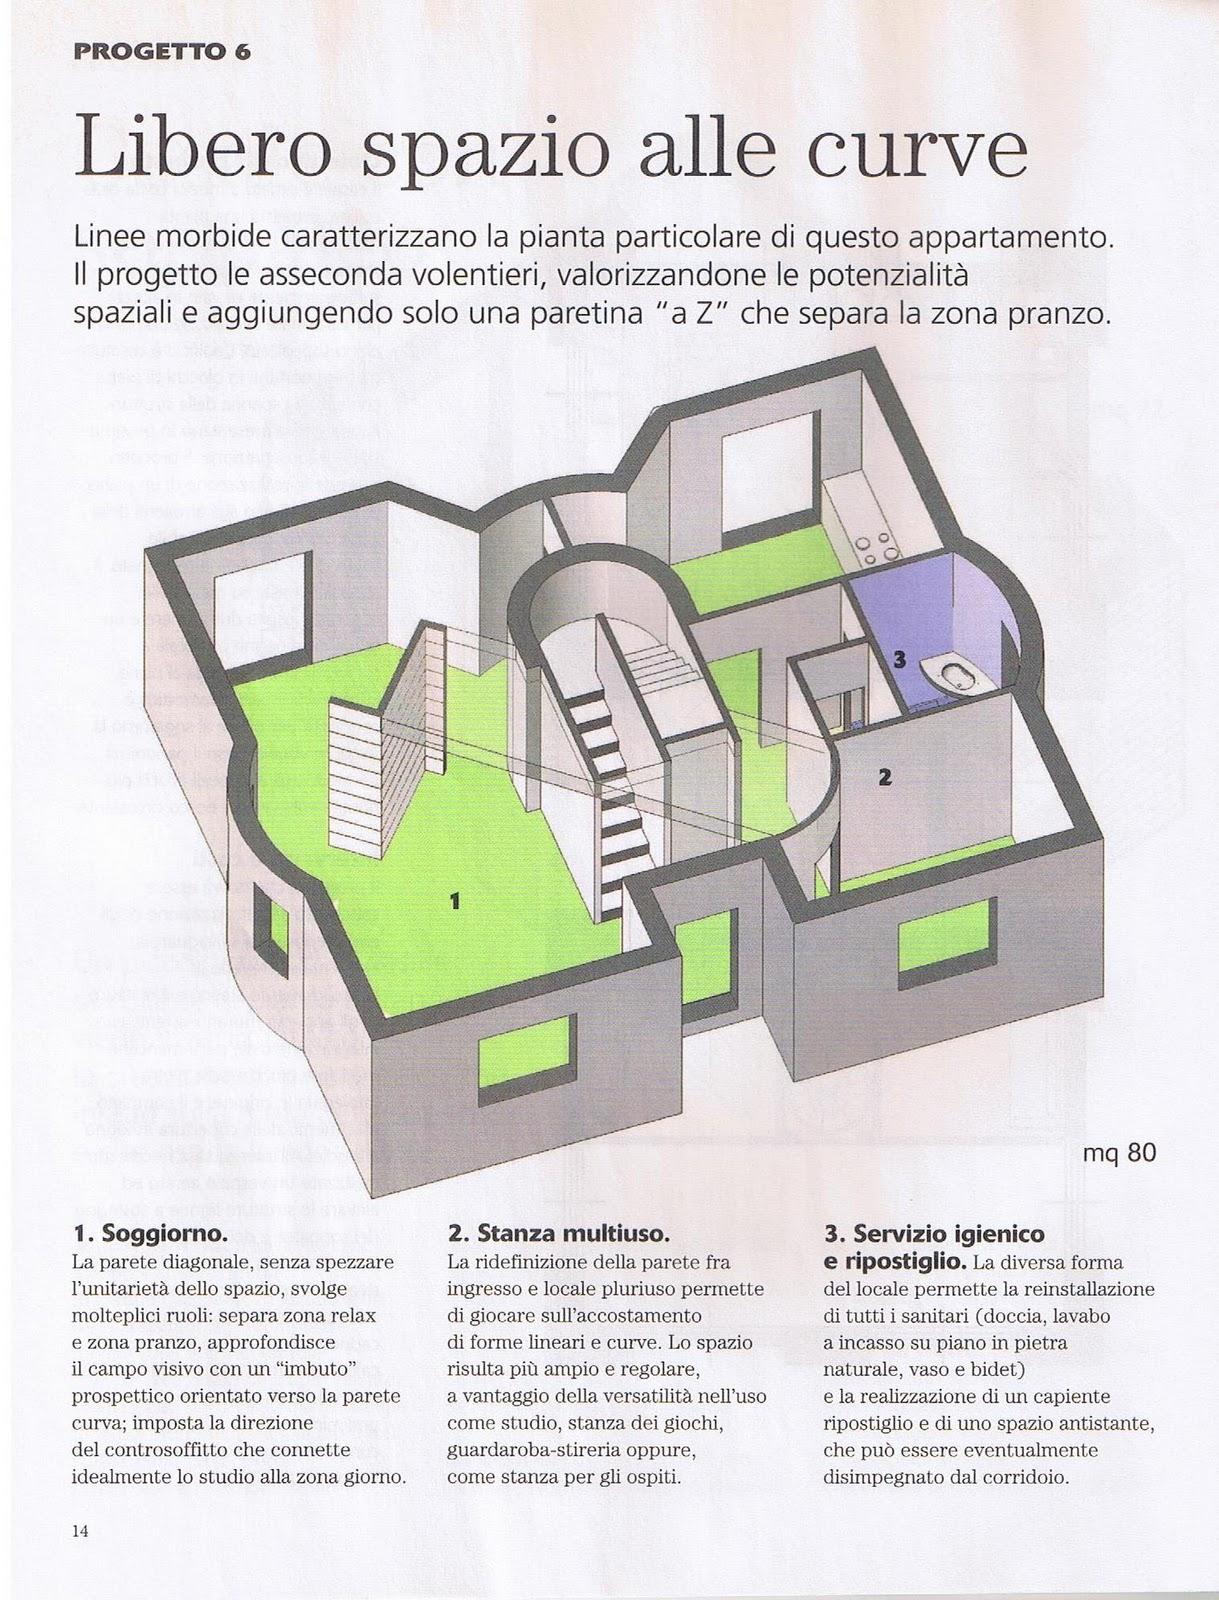 Passionecasa appunti di architettura progettare con for Progettare mobili